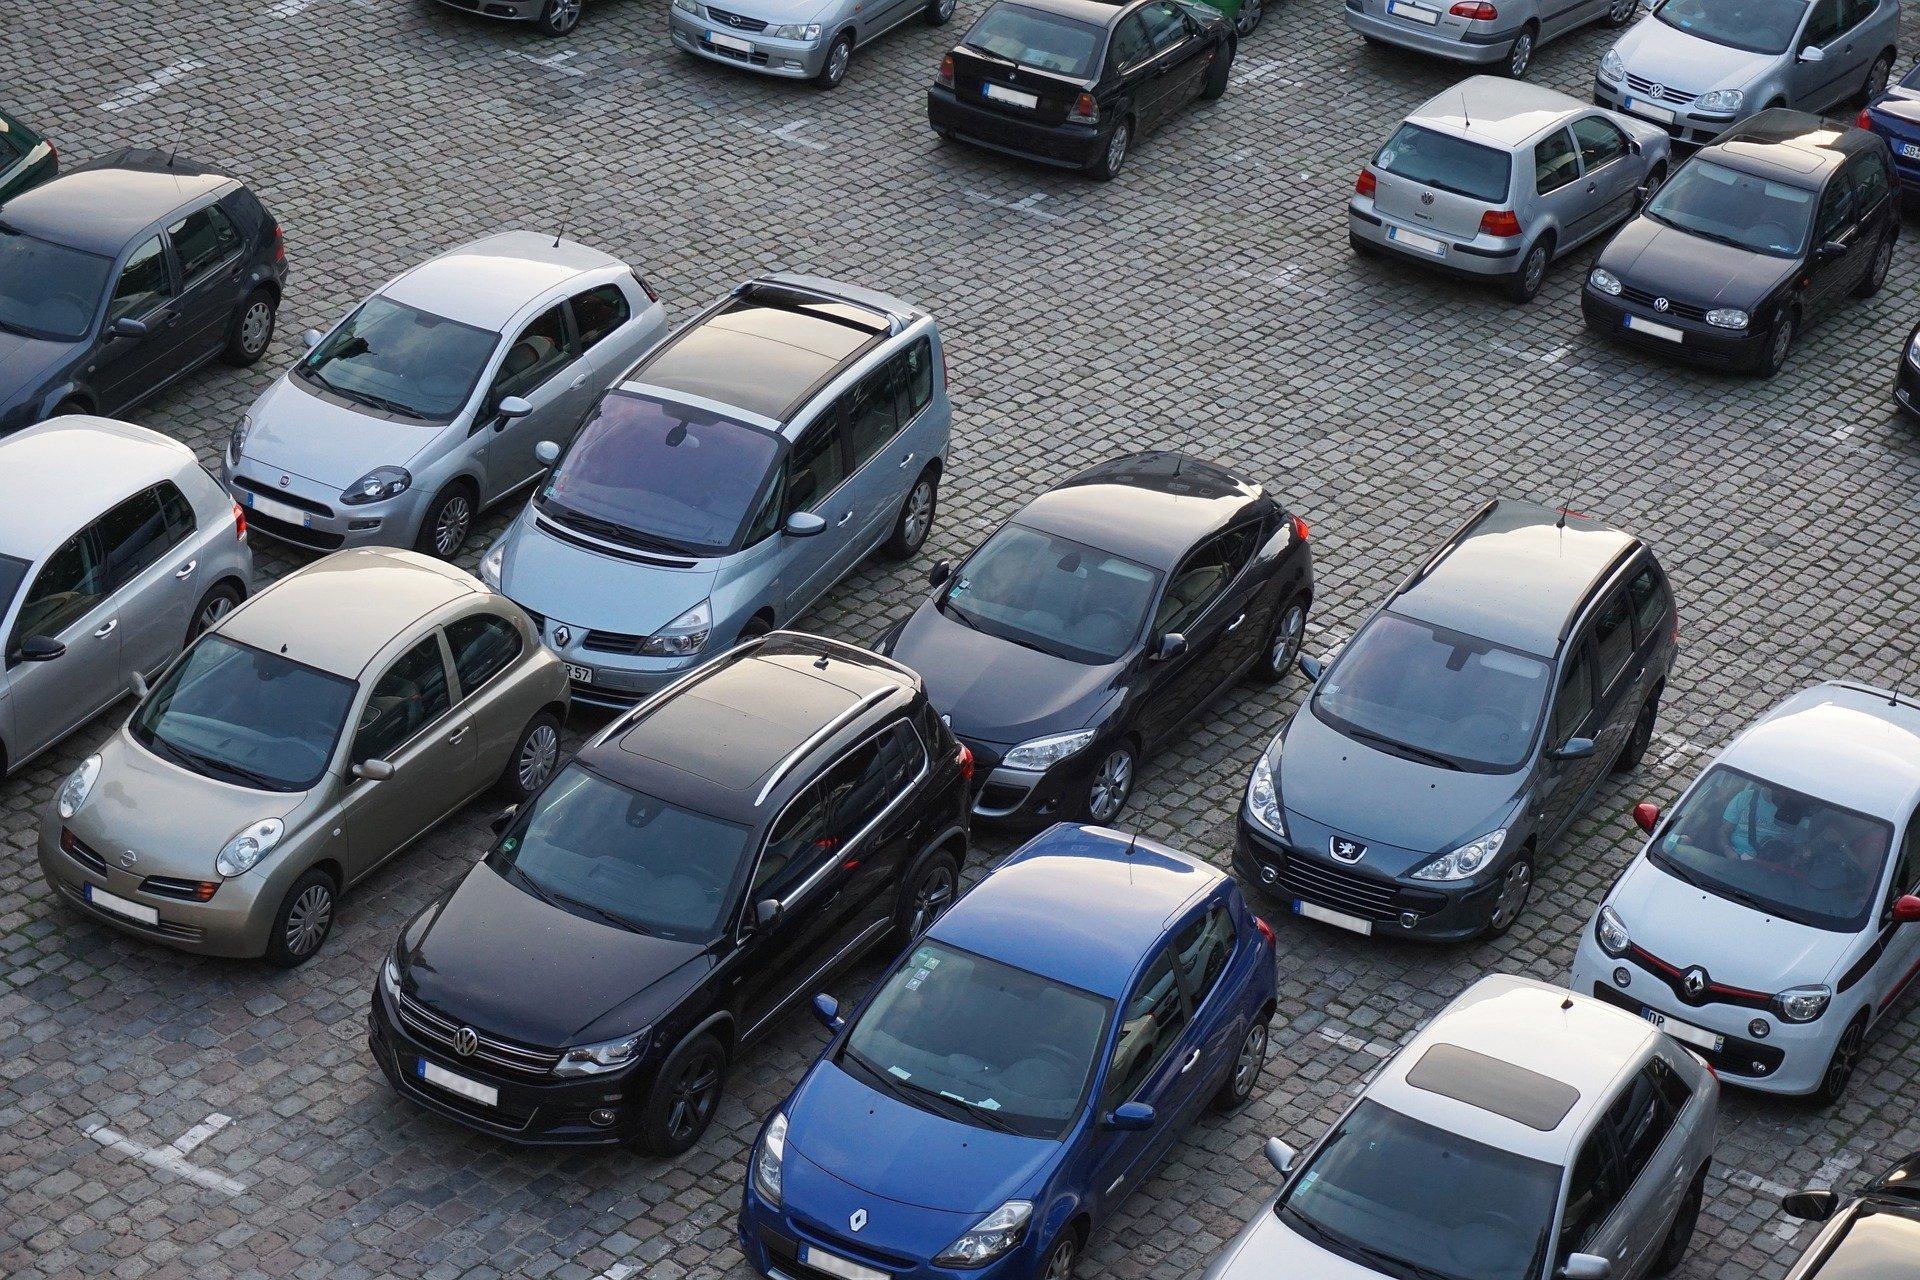 parking 825371 1920 - Handyparken